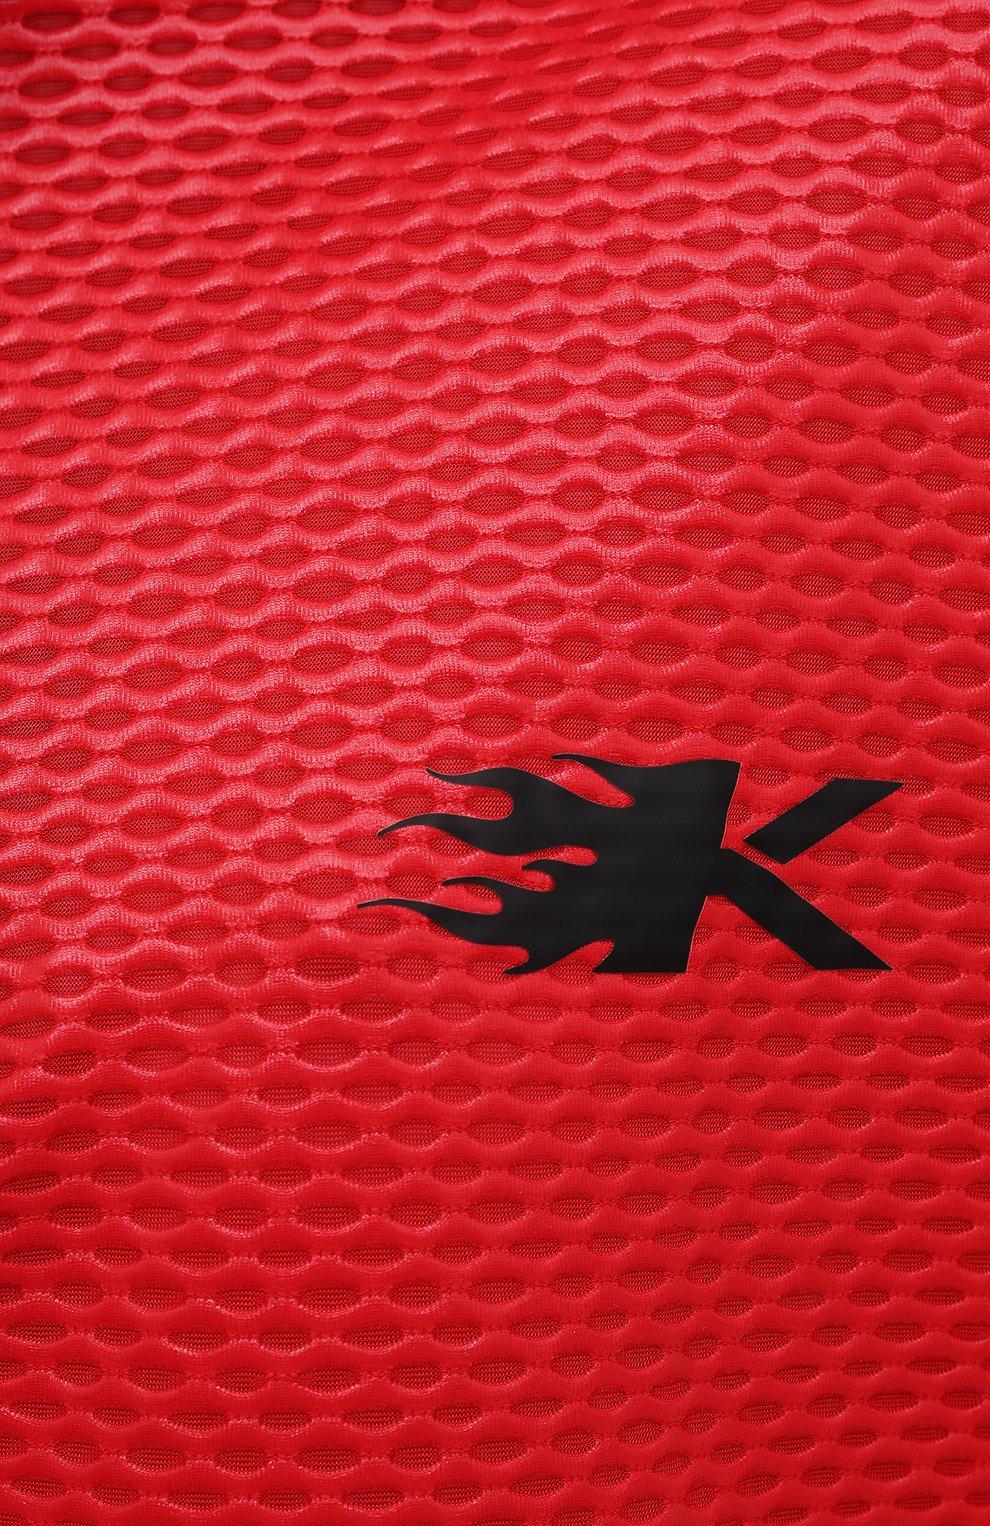 Женская анорак KORAL красного цвета, арт. A6477K09 | Фото 5 (Кросс-КТ: Куртка; Рукава: Длинные; Материал внешний: Синтетический материал; Стили: Спорт-шик; Длина (верхняя одежда): Короткие)